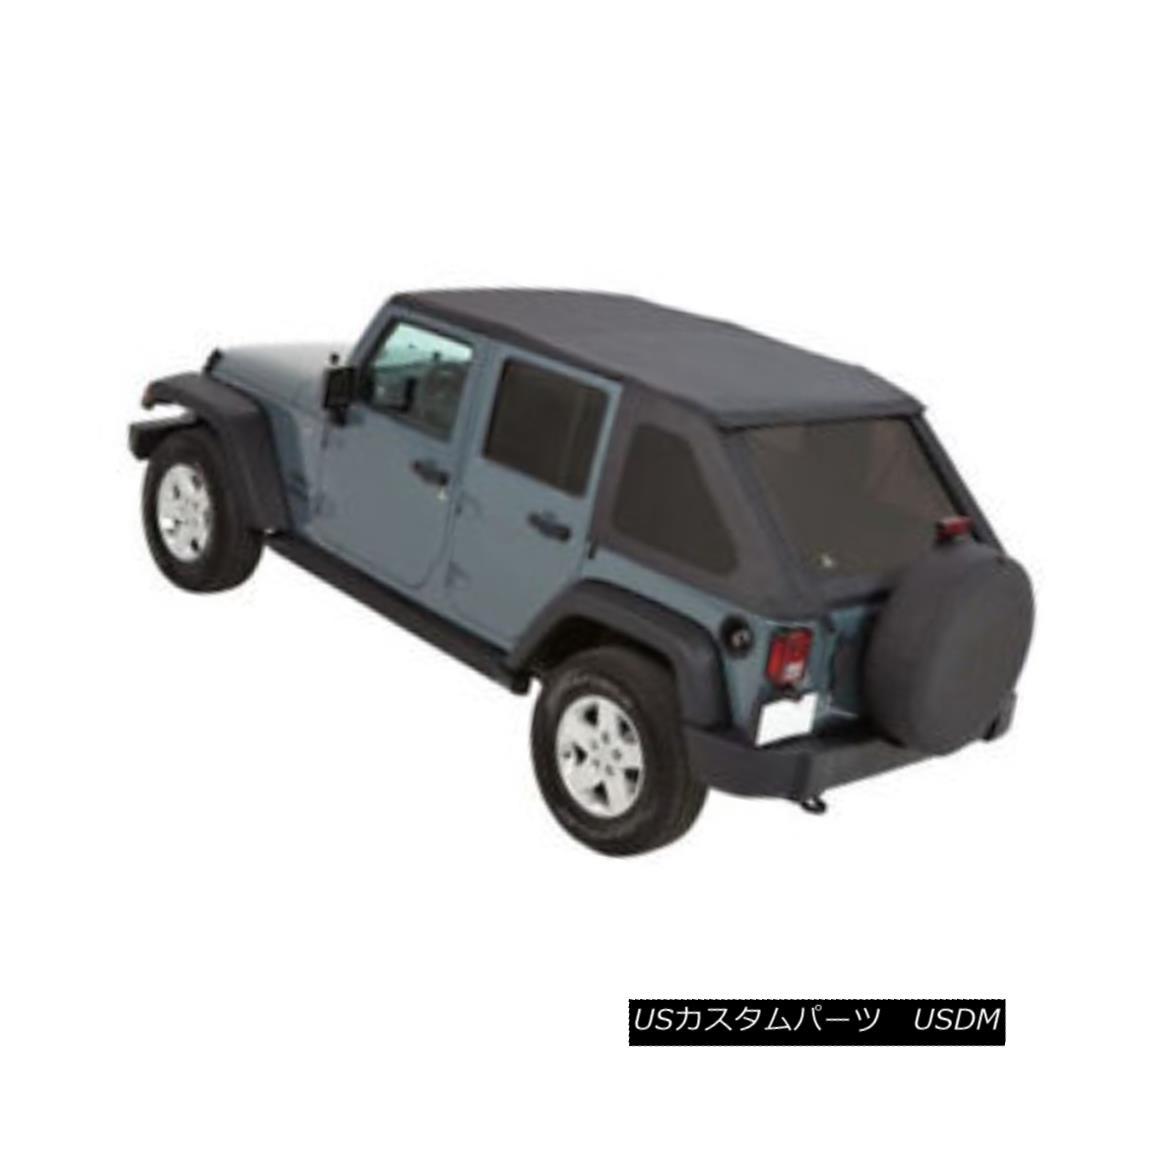 幌・ソフトトップ Pavement Ends 56843-35 Wrangler JK Frameless Soft Top Sprint 4-Door Jeep 2010-20 舗装端56843-35ラングラーJKフレームレスソフトトップスプリント4ドアジープ2010-20